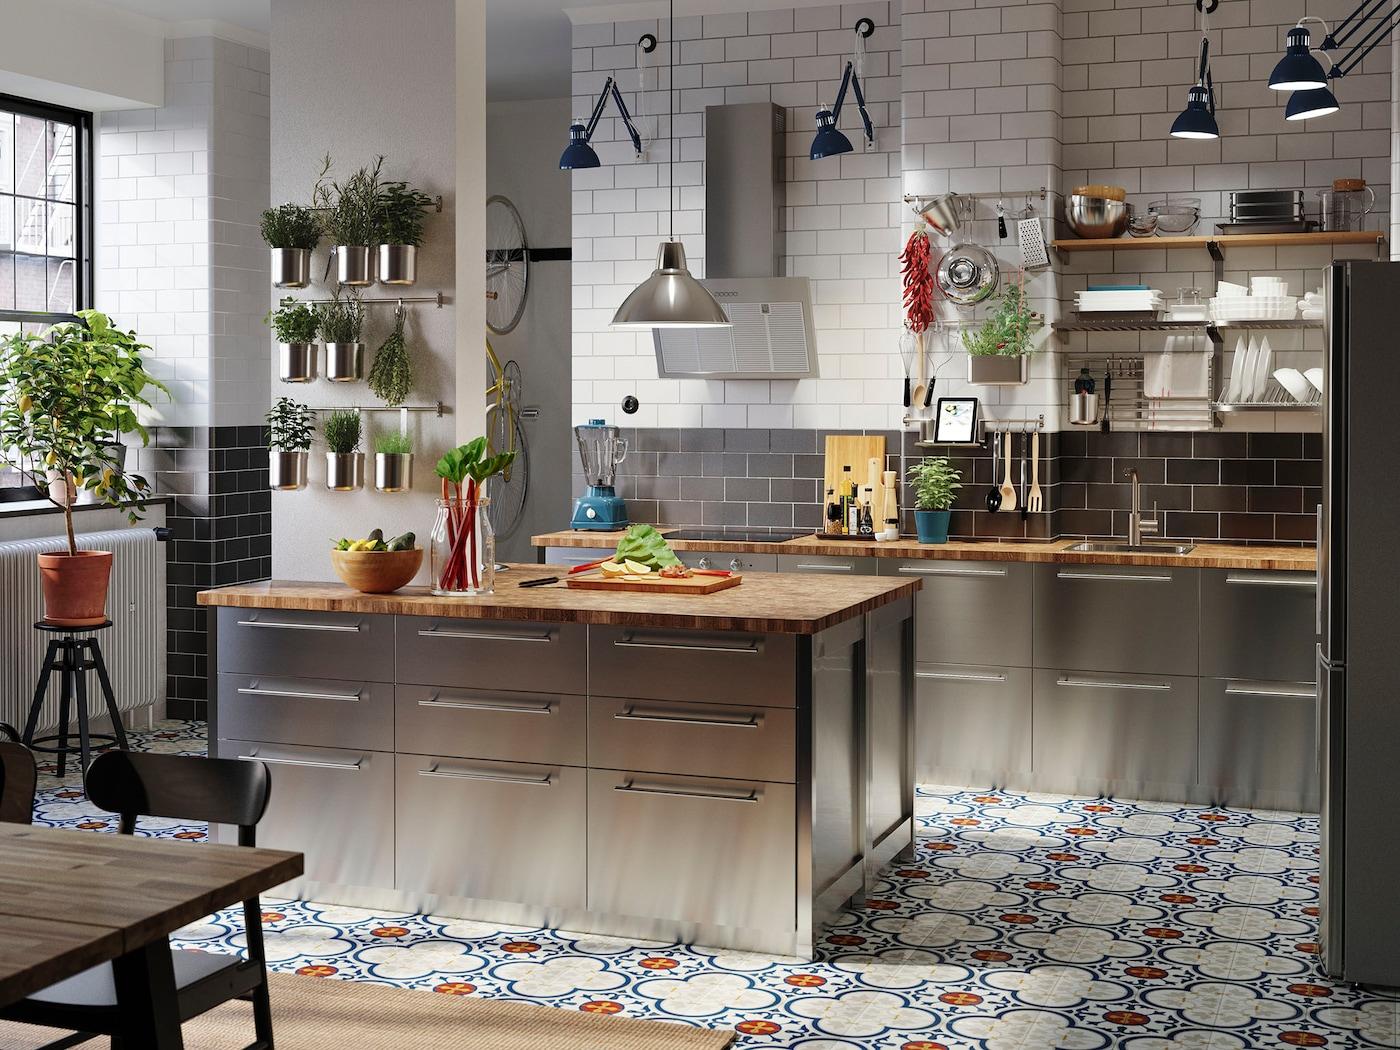 VÅRSTA es una cocina flexible y asequible.